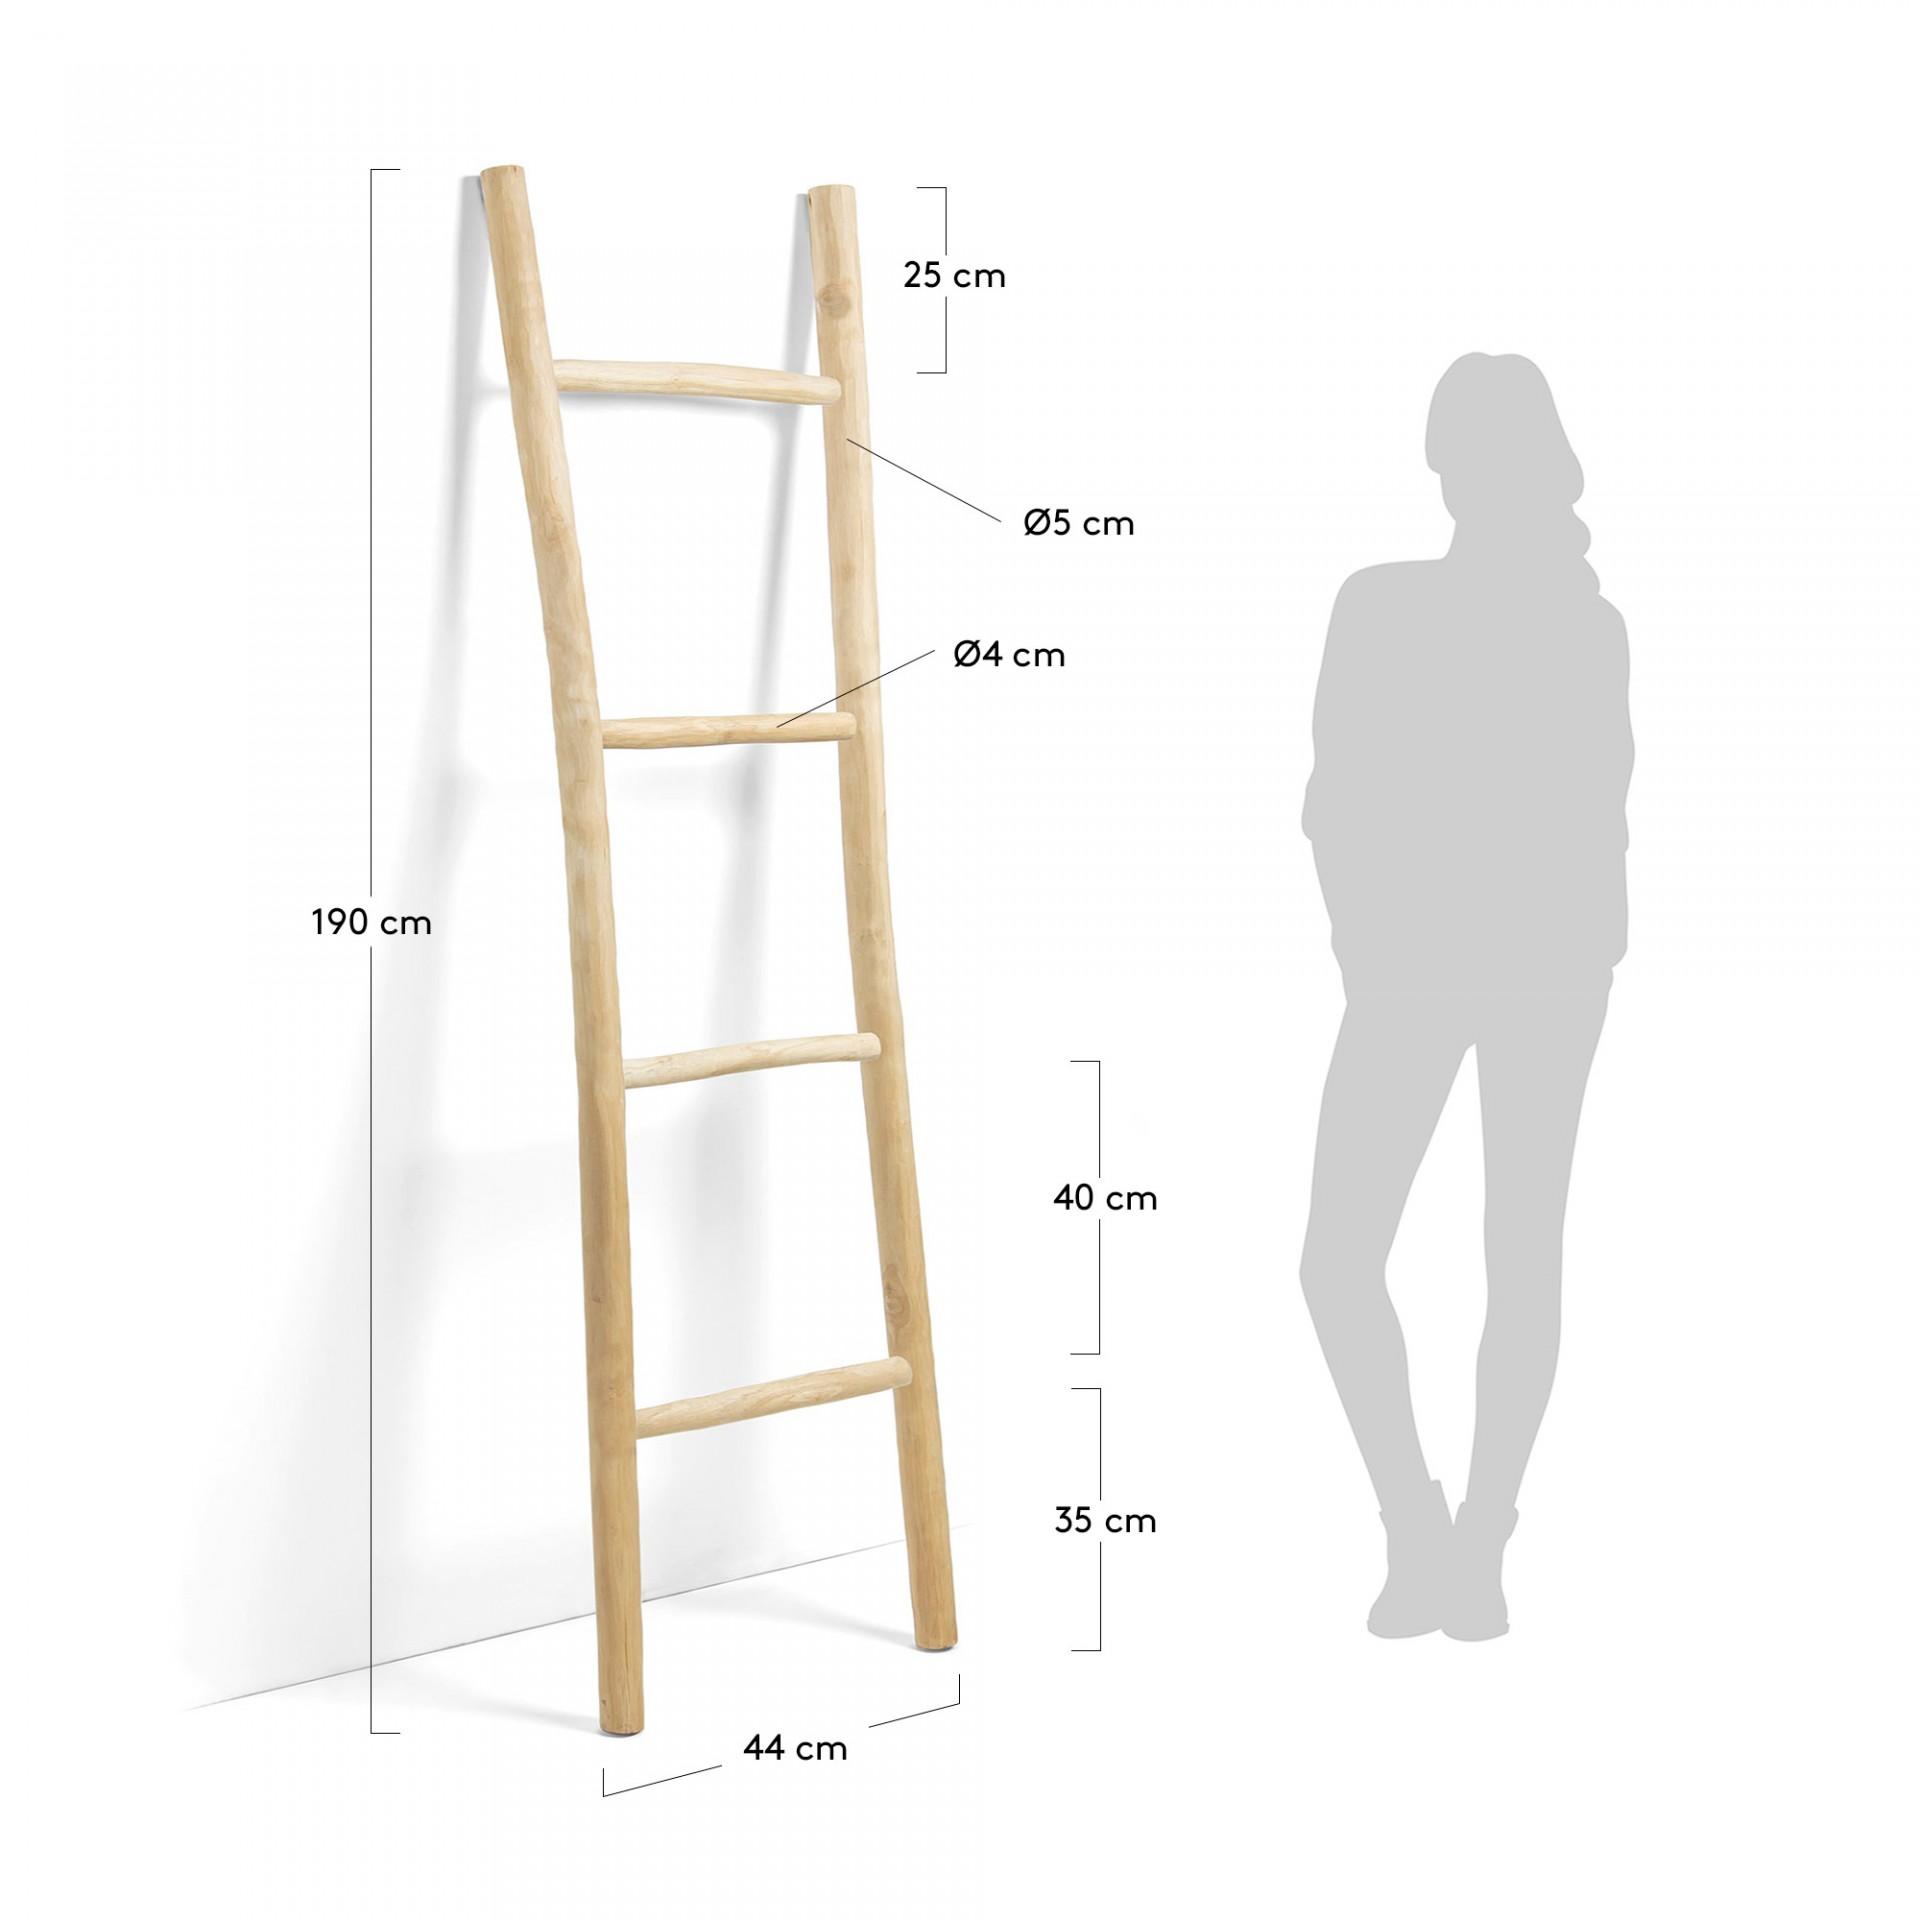 Escada decorativa em madeira de teca natural, 190x55 cm